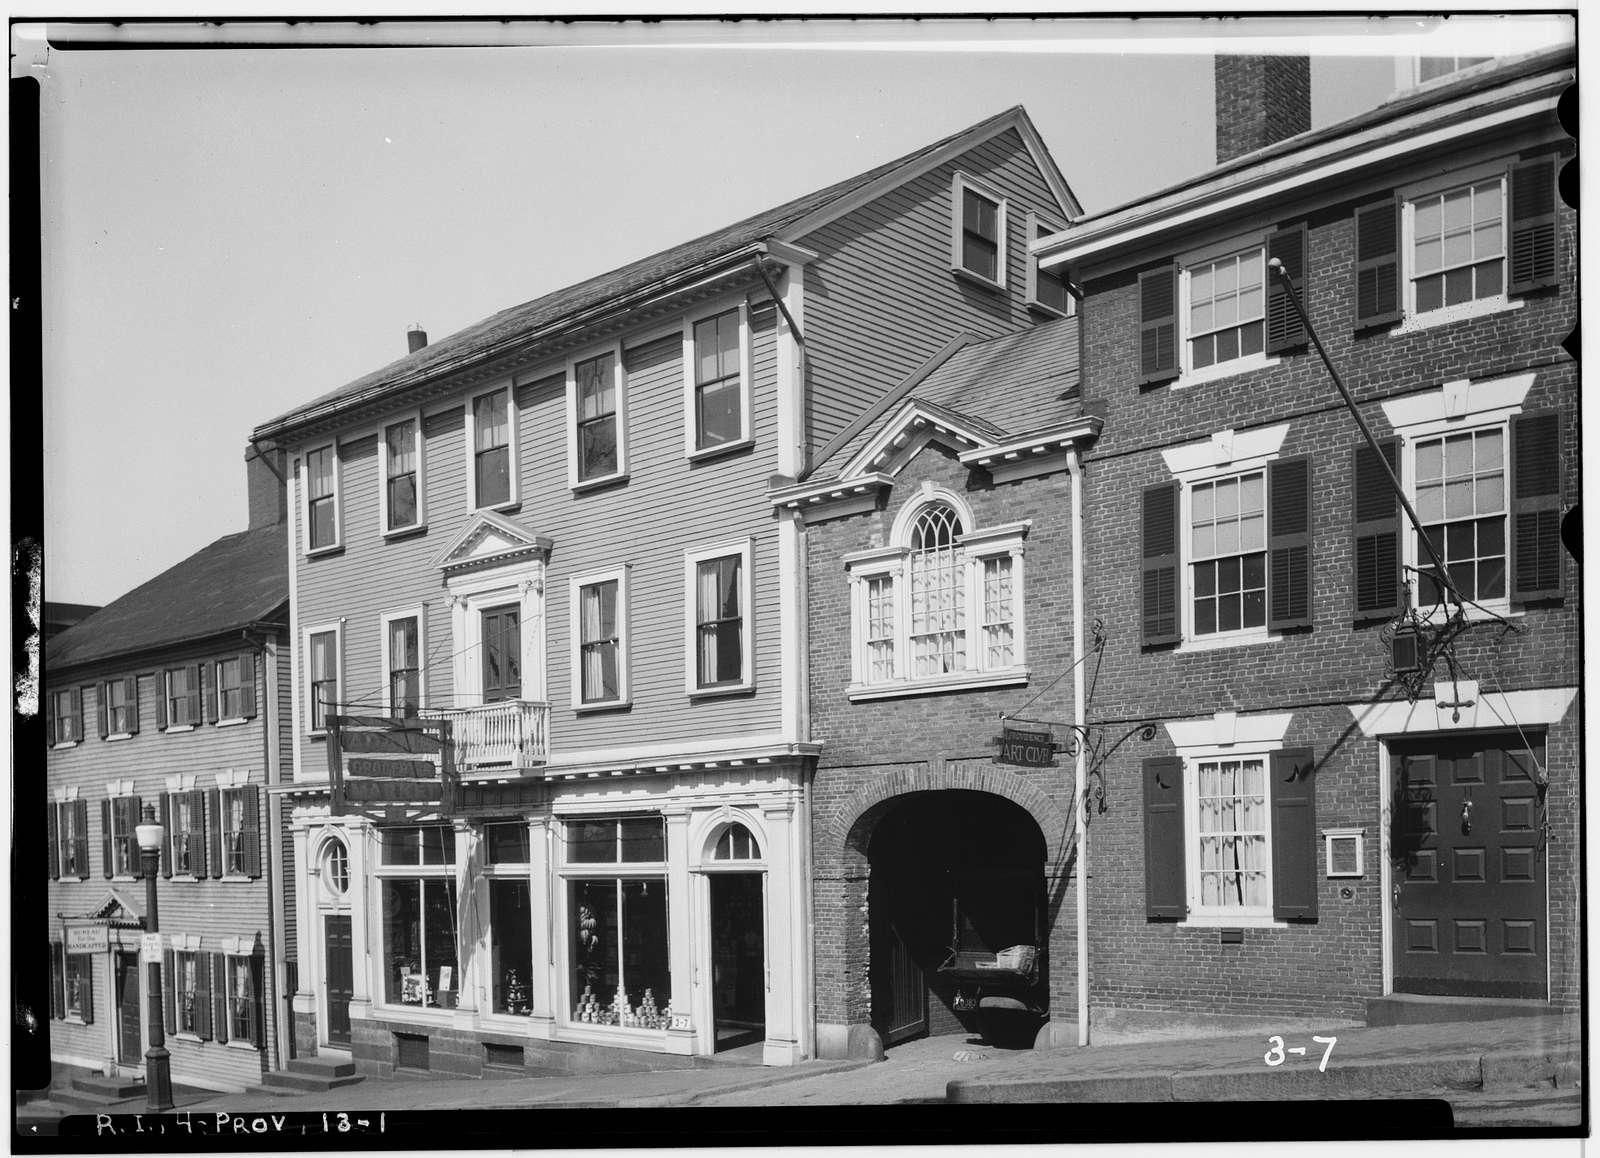 Seril Dodge House, 10 Thomas Street, Providence, Providence County, RI